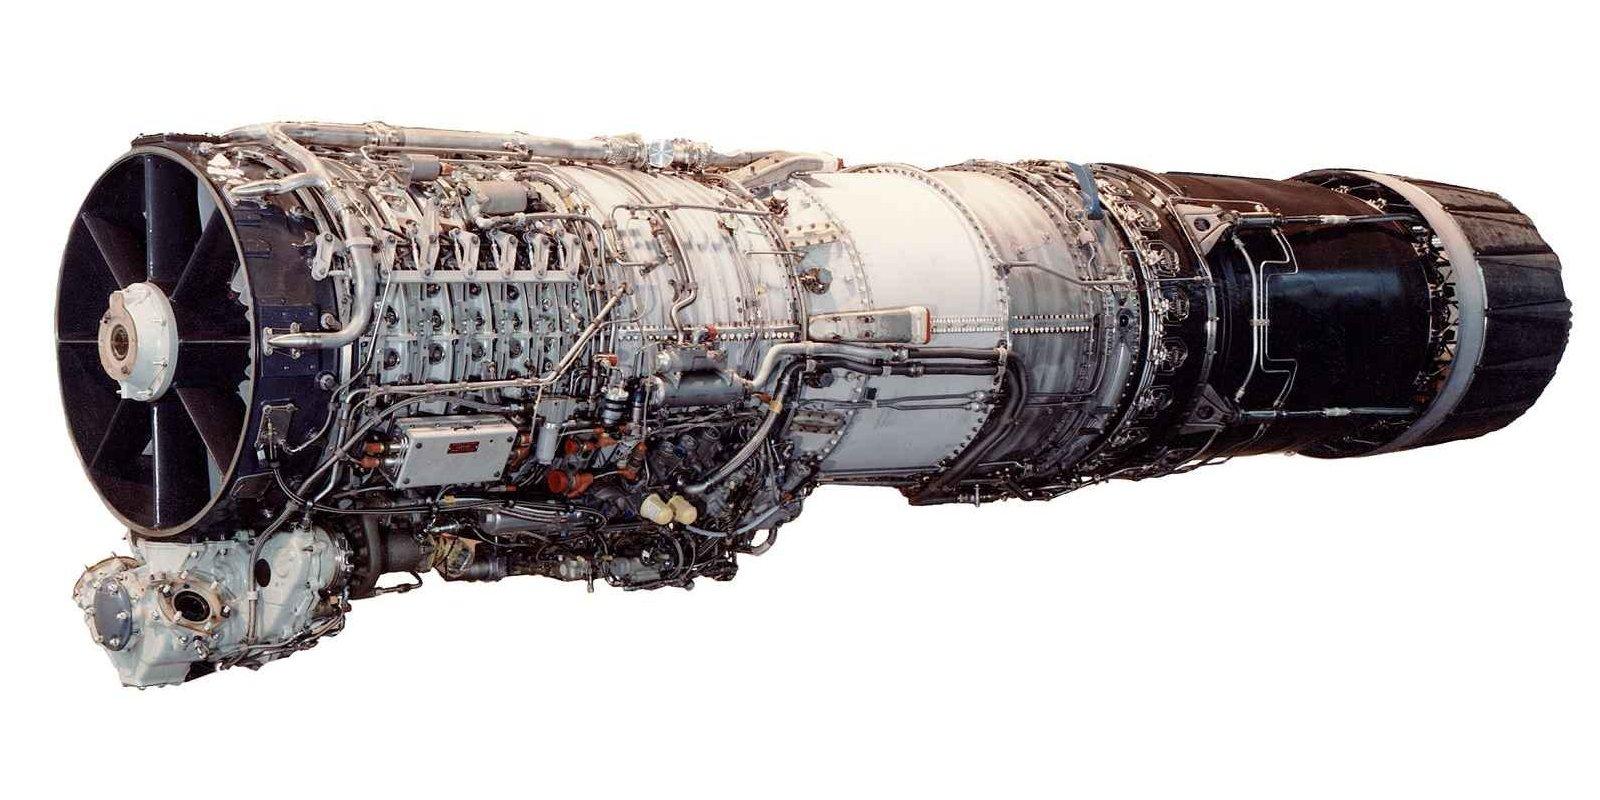 Ge J79 Engine Soap Turbojet Diagram 17